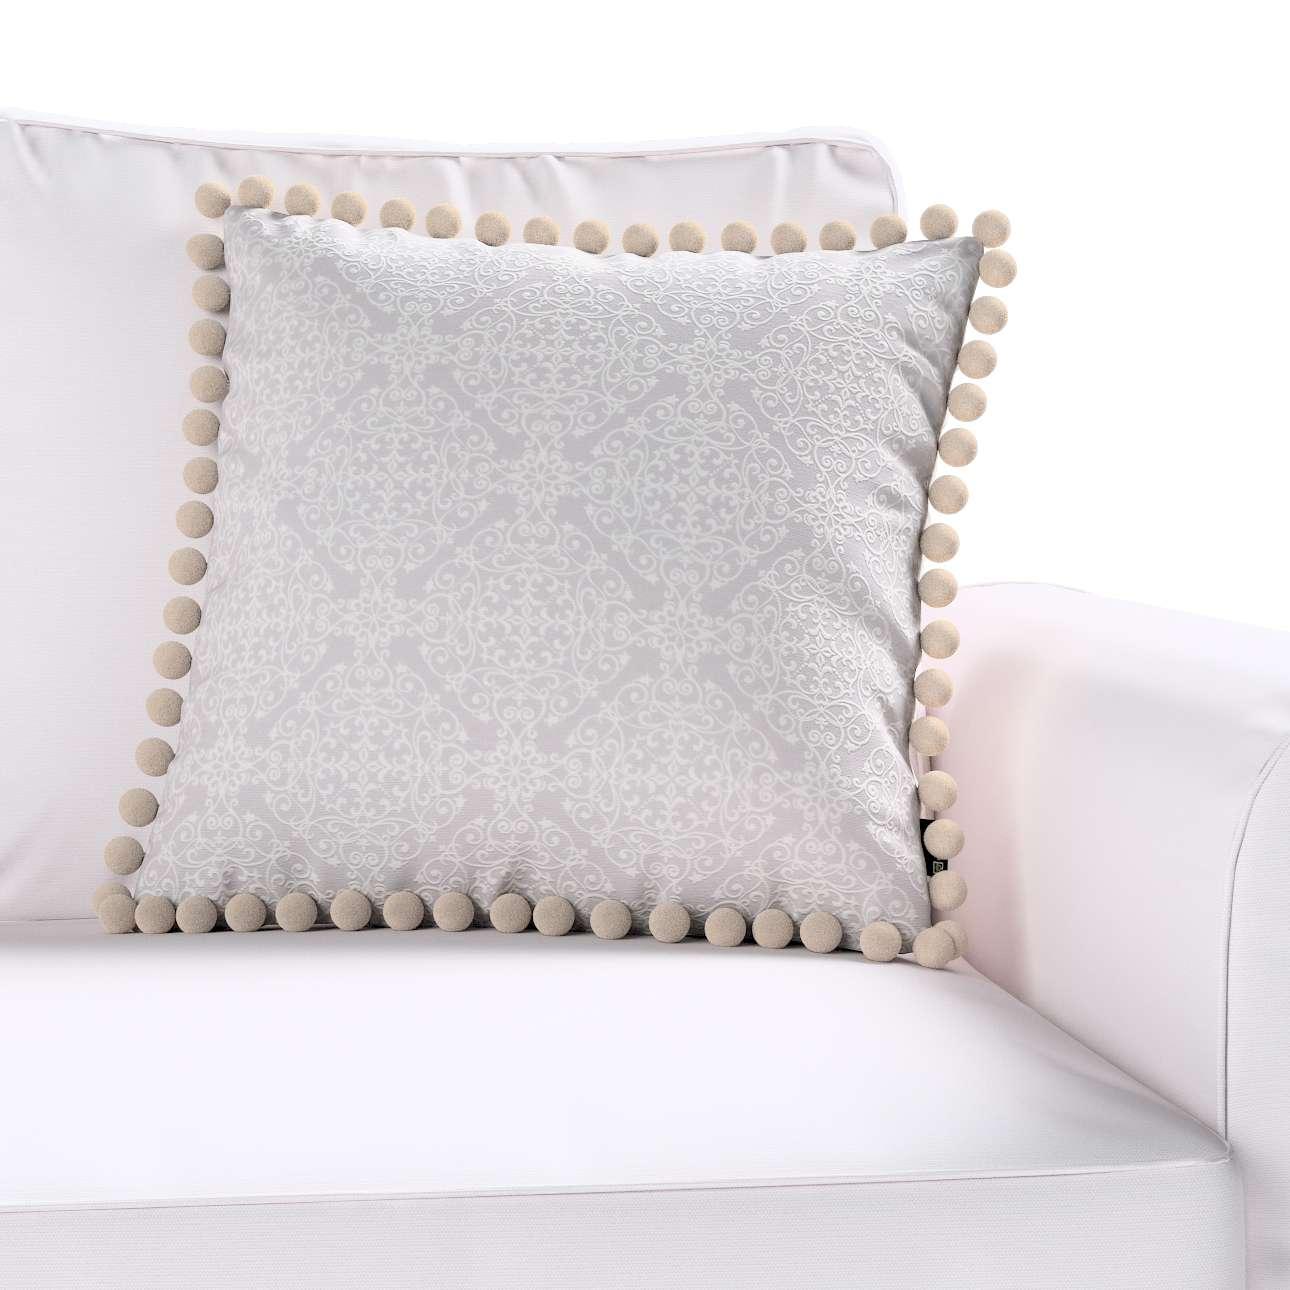 Poszewka Wera na poduszkę 45 x 45 cm w kolekcji Flowers, tkanina: 140-38